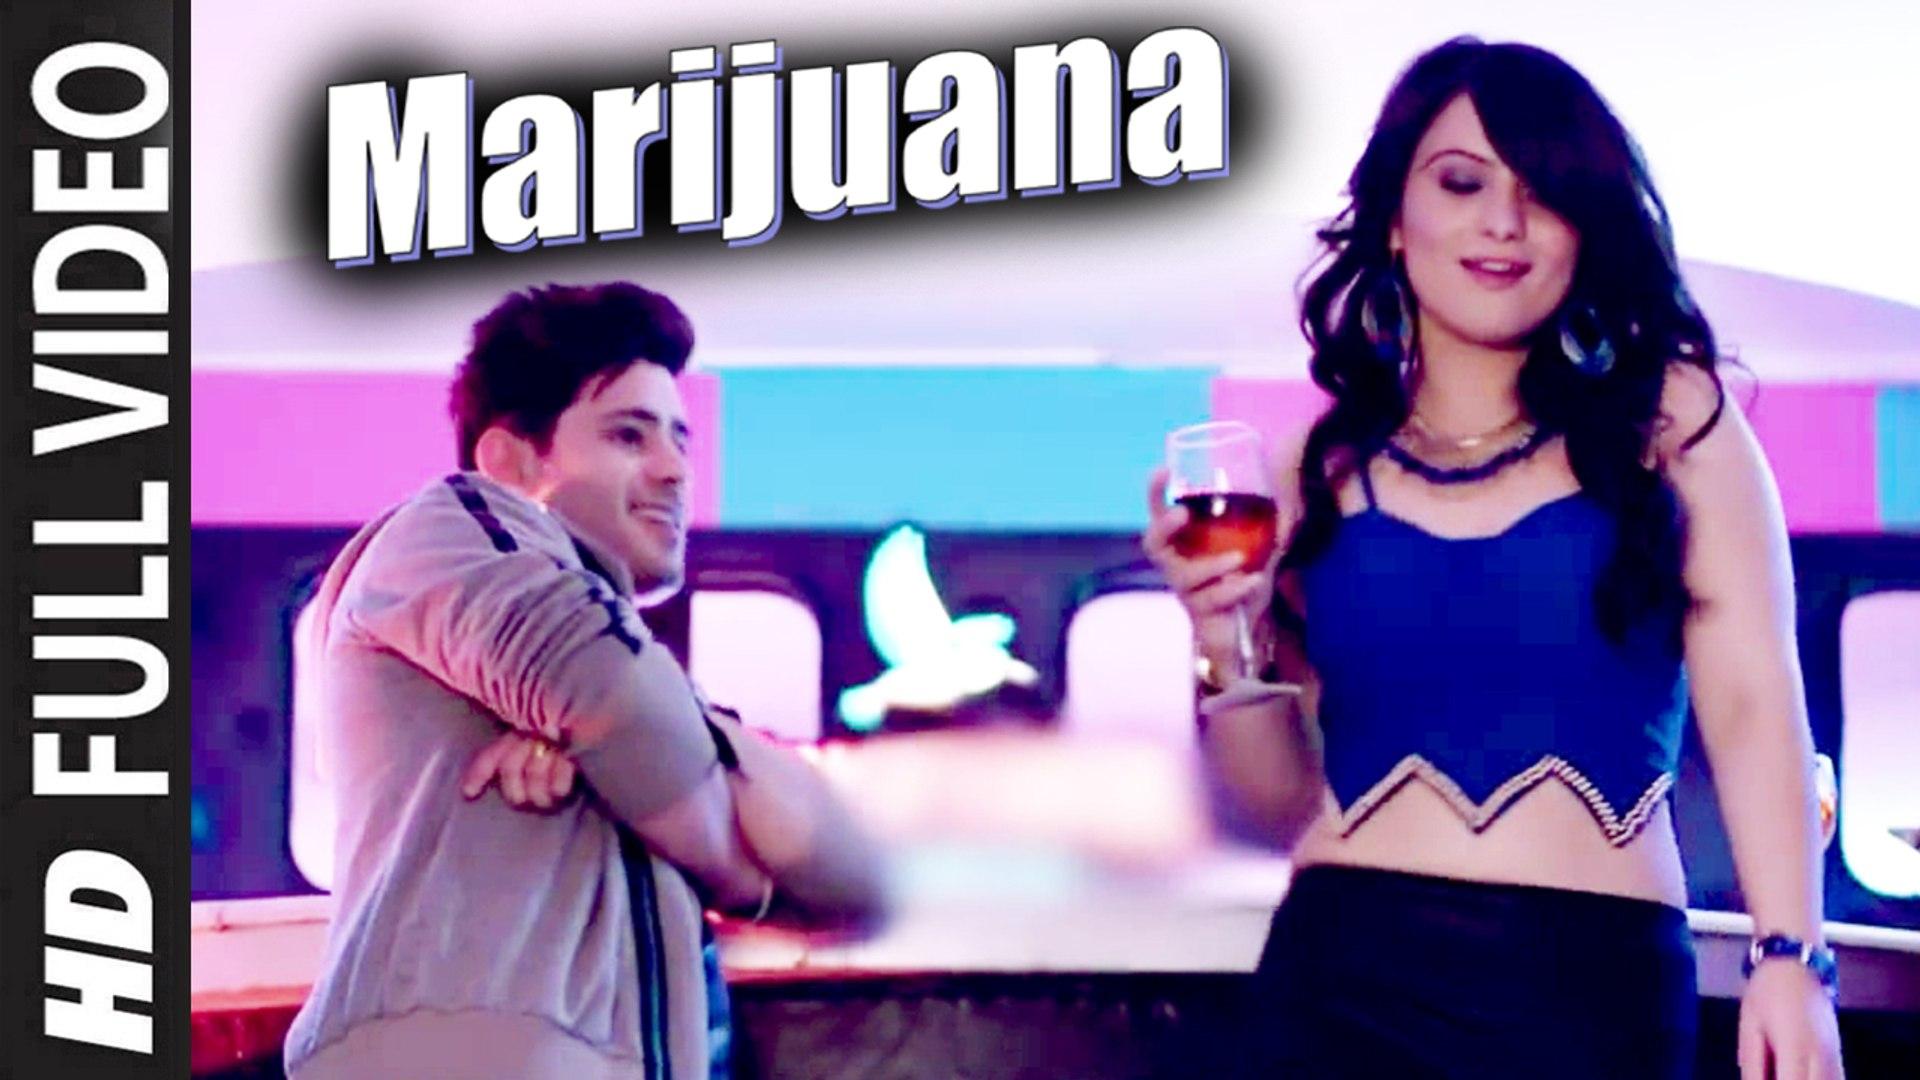 Marijuana - Hardik Trehan (Marijuana) (Full Video) Latest Punjabi Song 2016